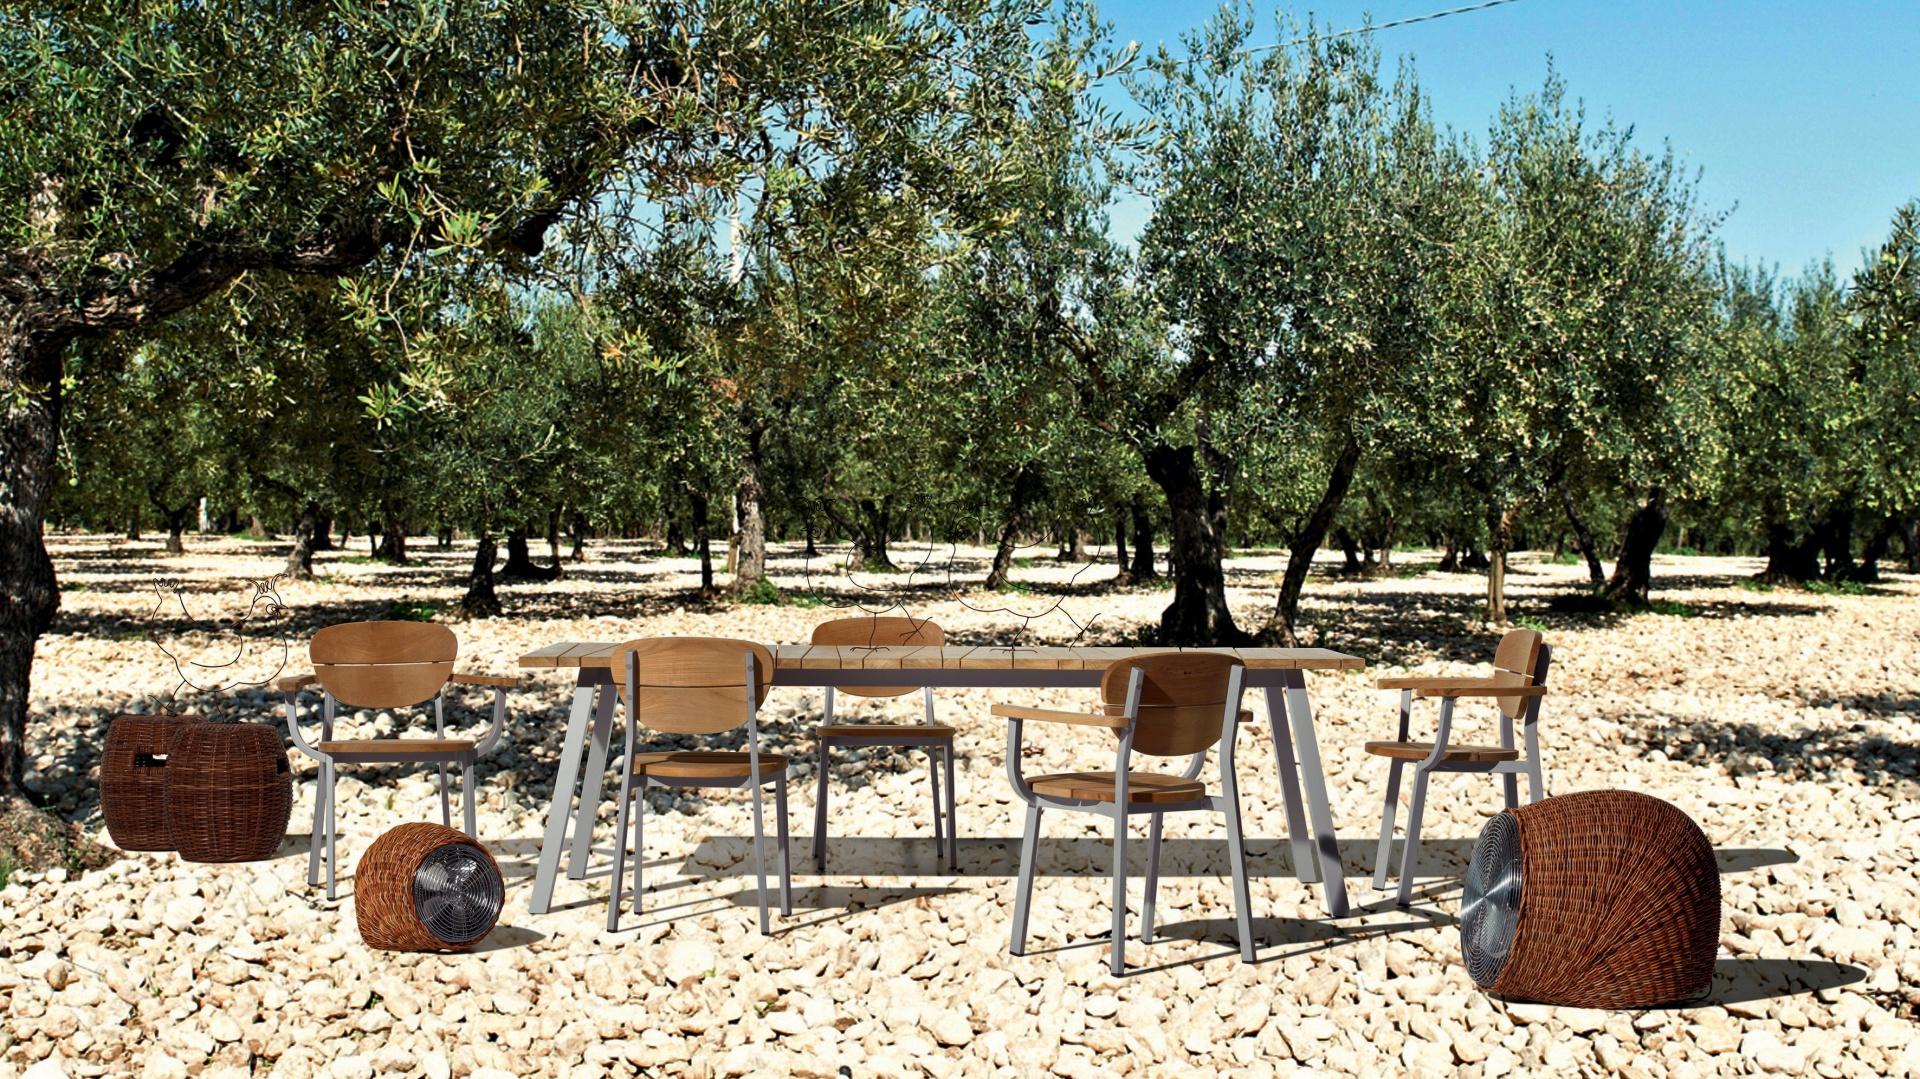 Wakacje w słonecznej Toskanii. Zobacz jak spędzić je we